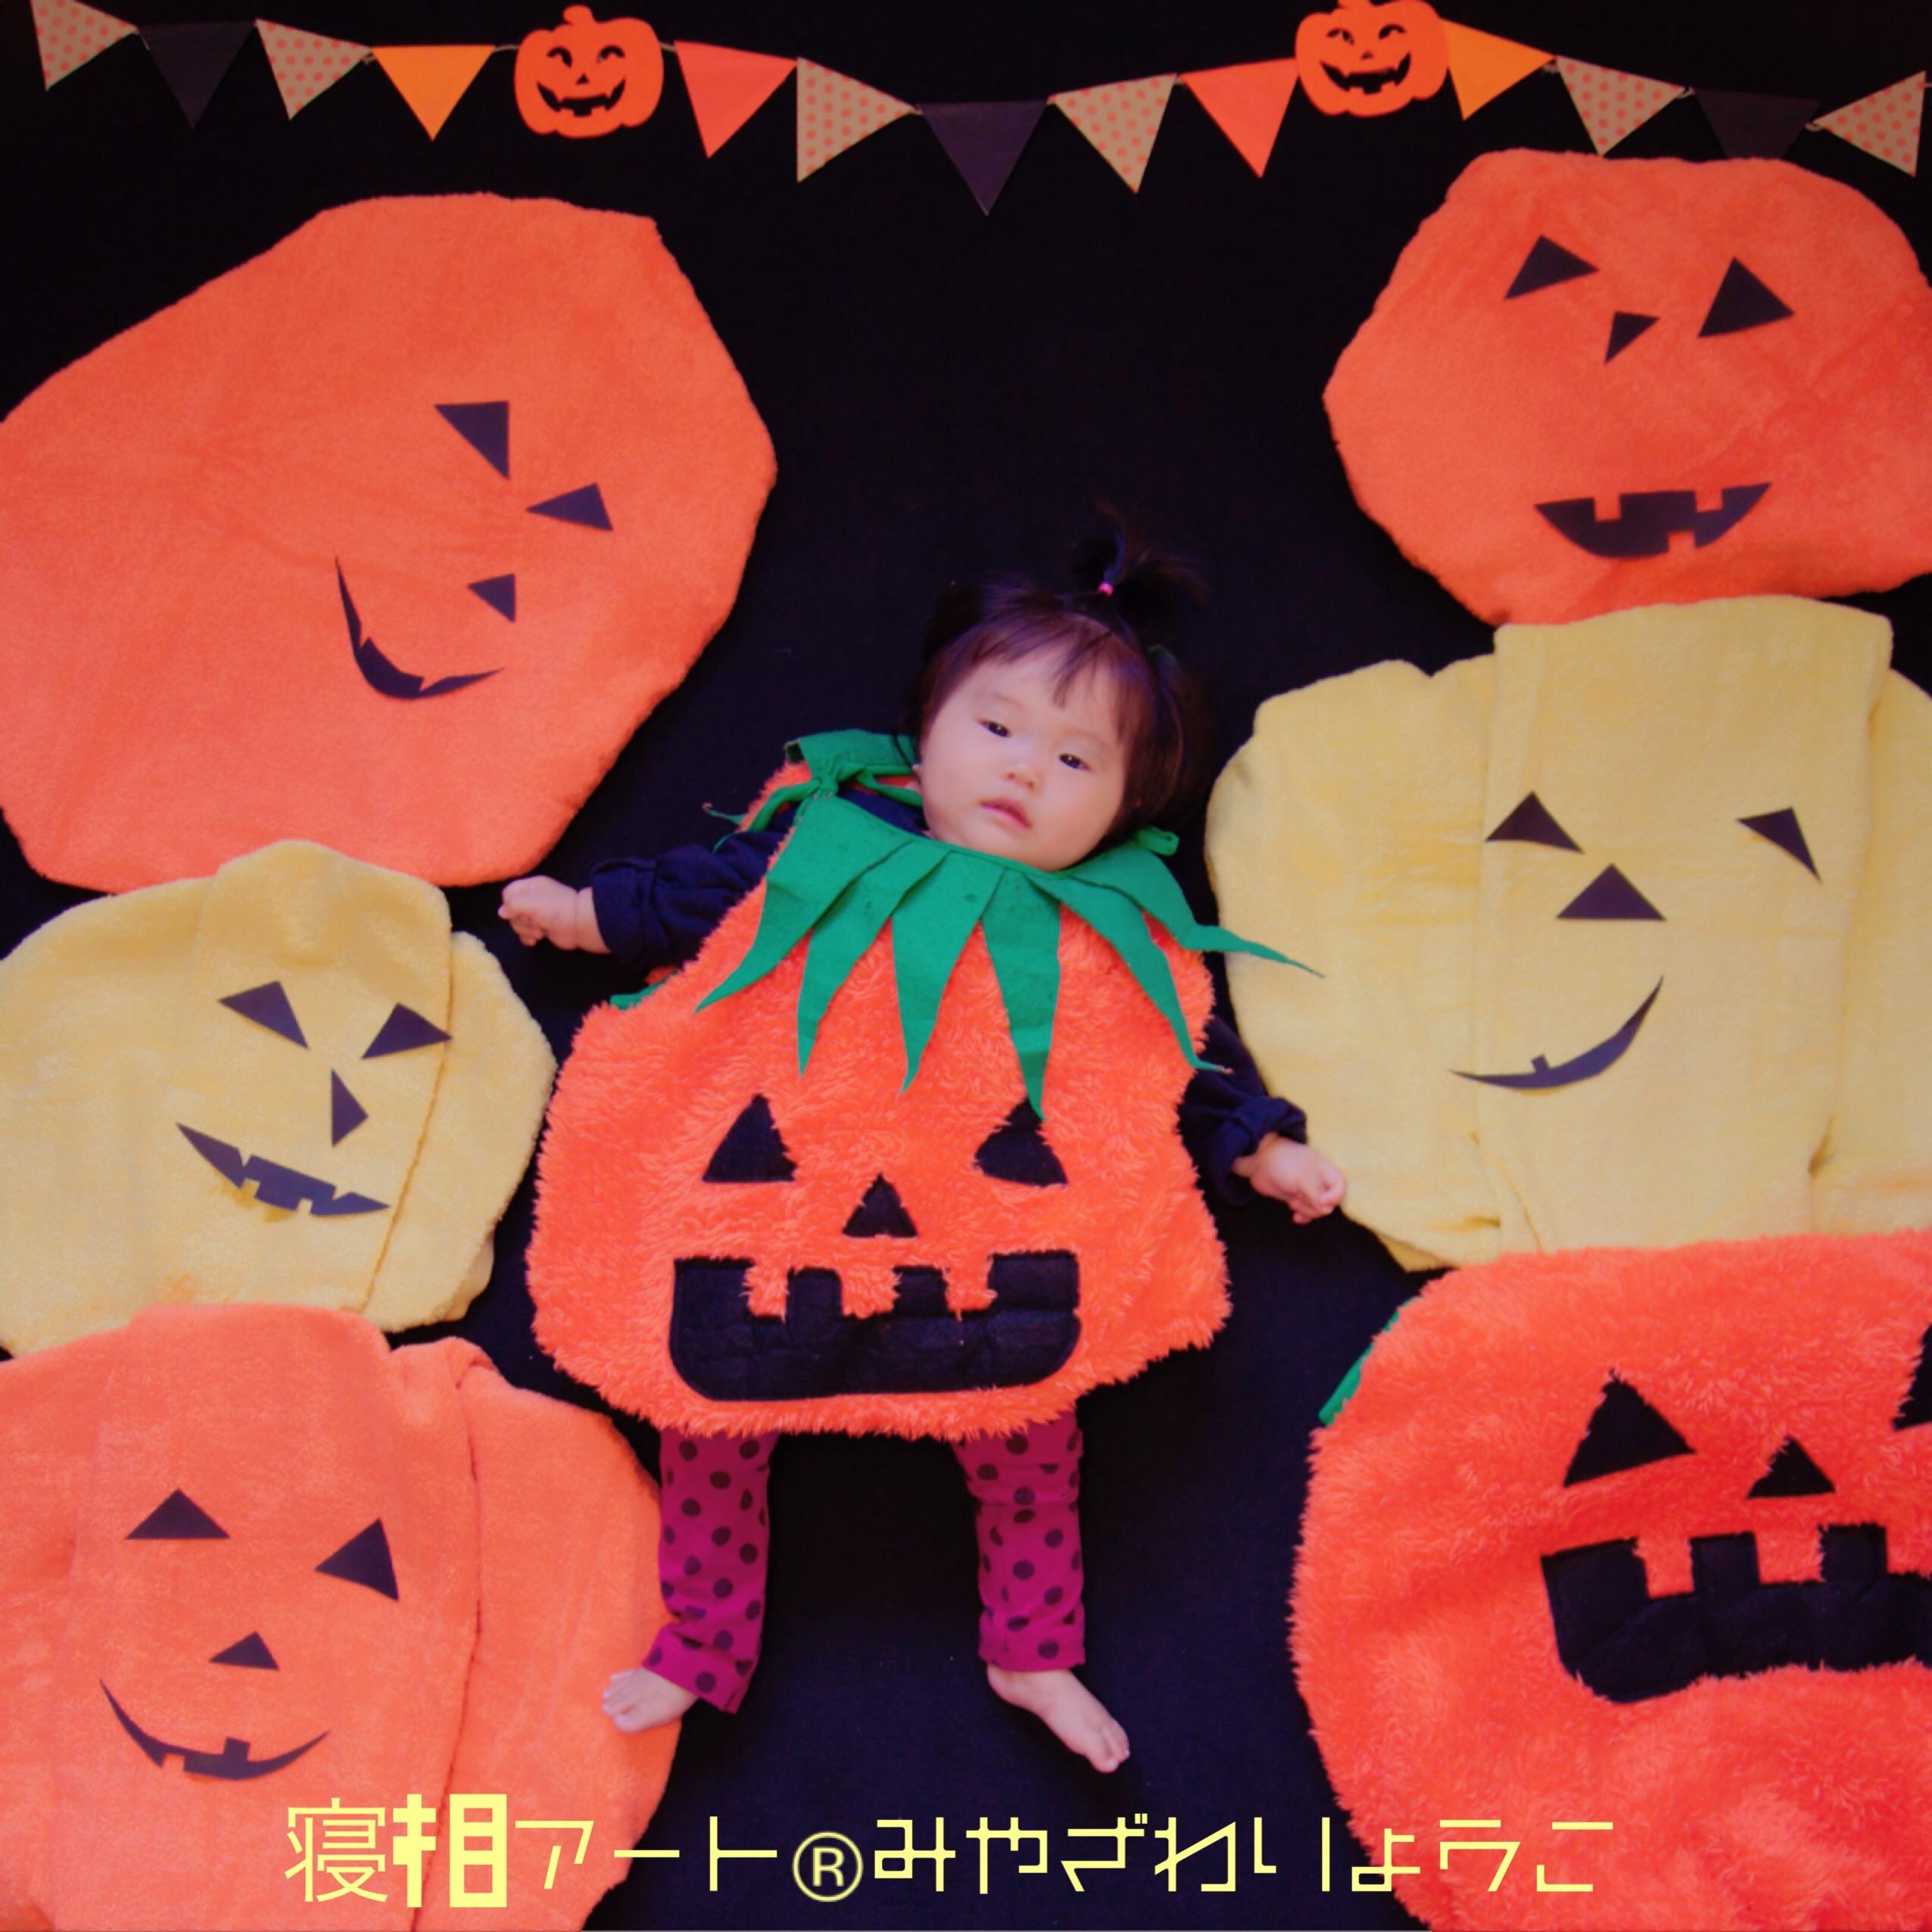 寝相アート,かぼちゃ,ハロウィン